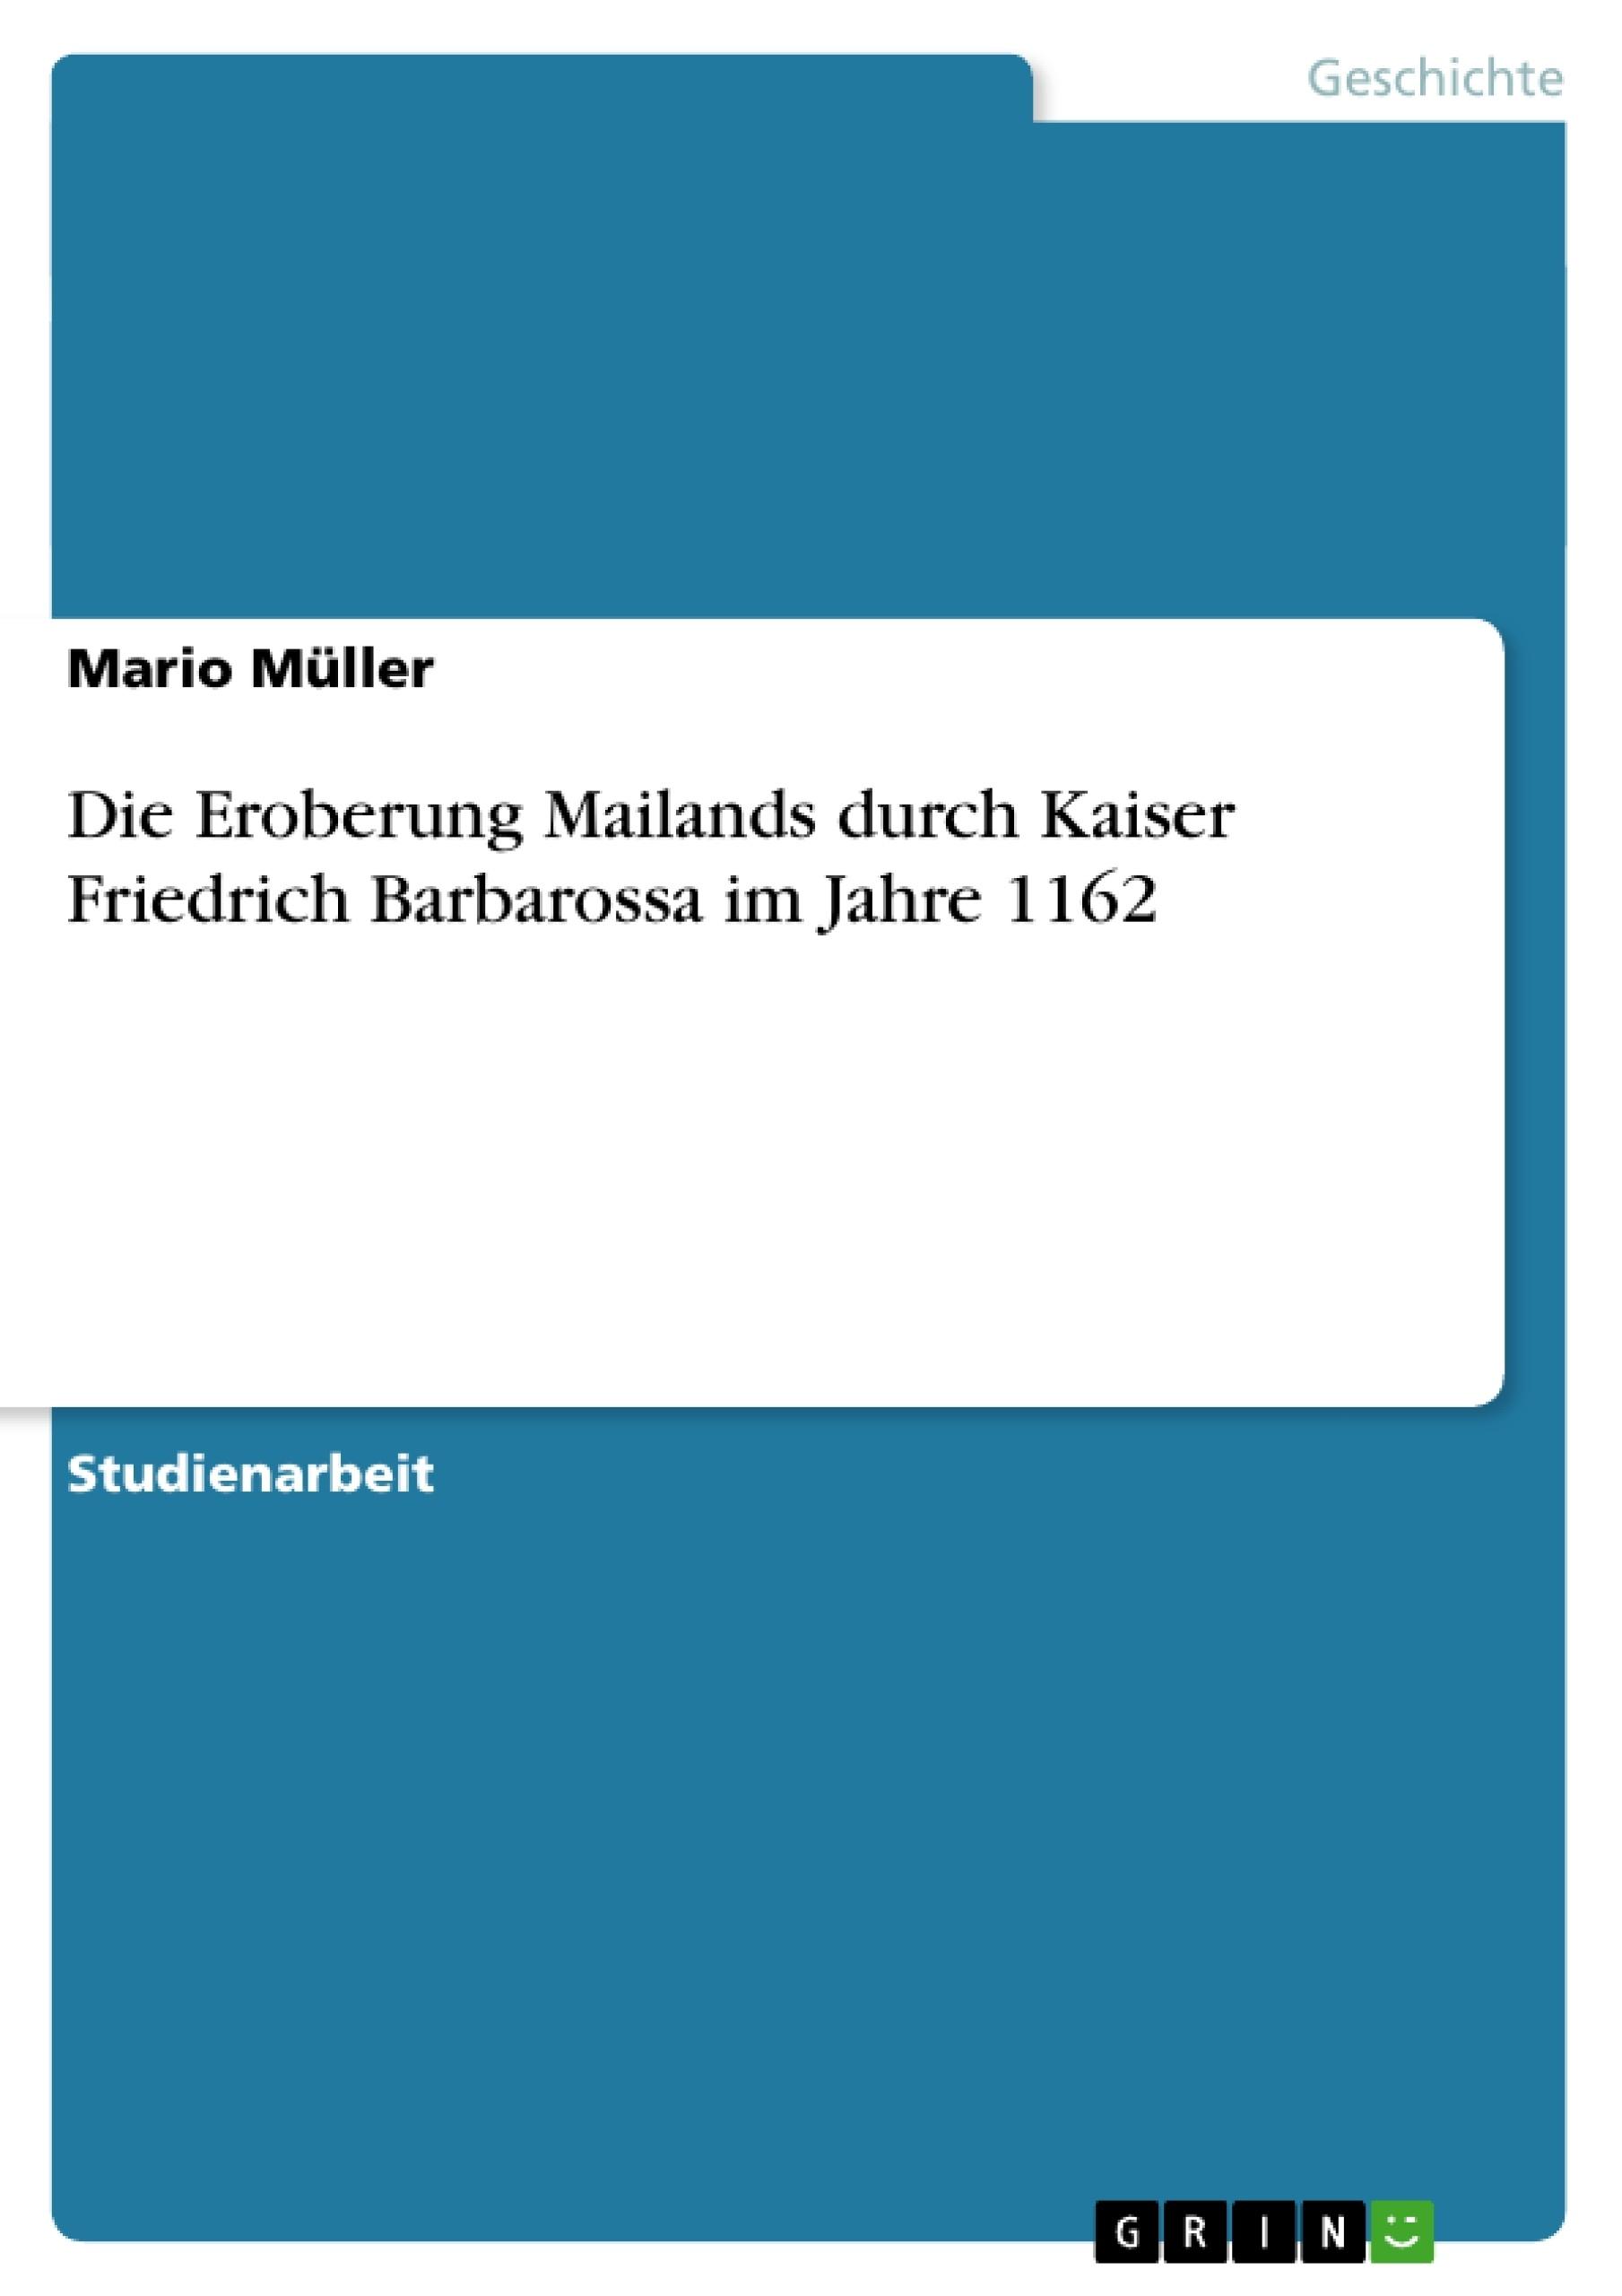 Titel: Die Eroberung Mailands durch Kaiser Friedrich Barbarossa im Jahre 1162